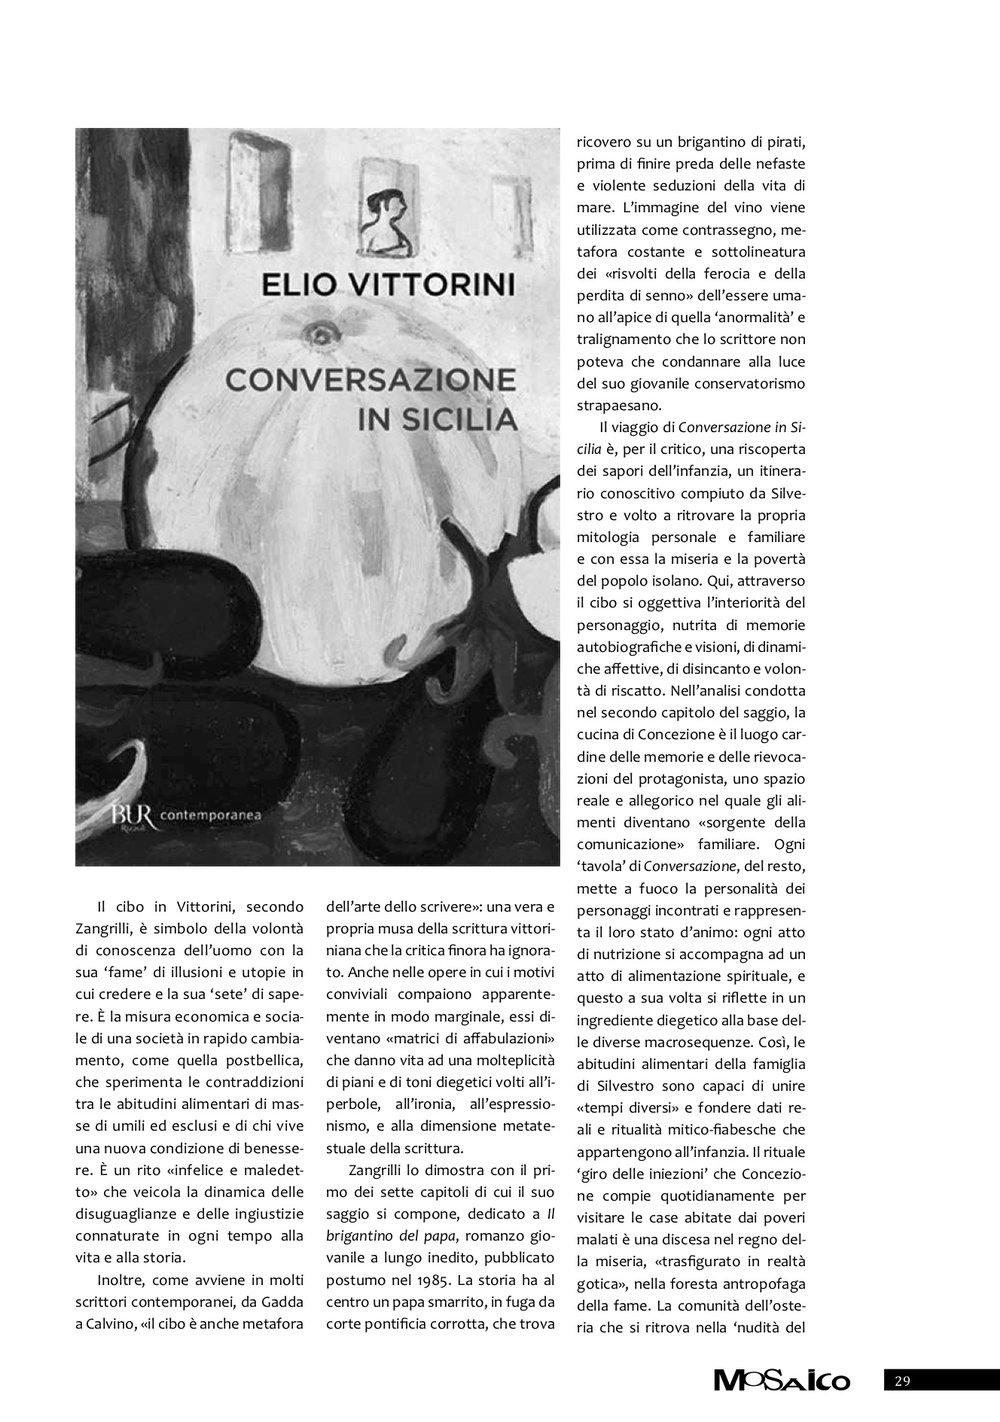 Mosaico 242 - pg 29.jpg